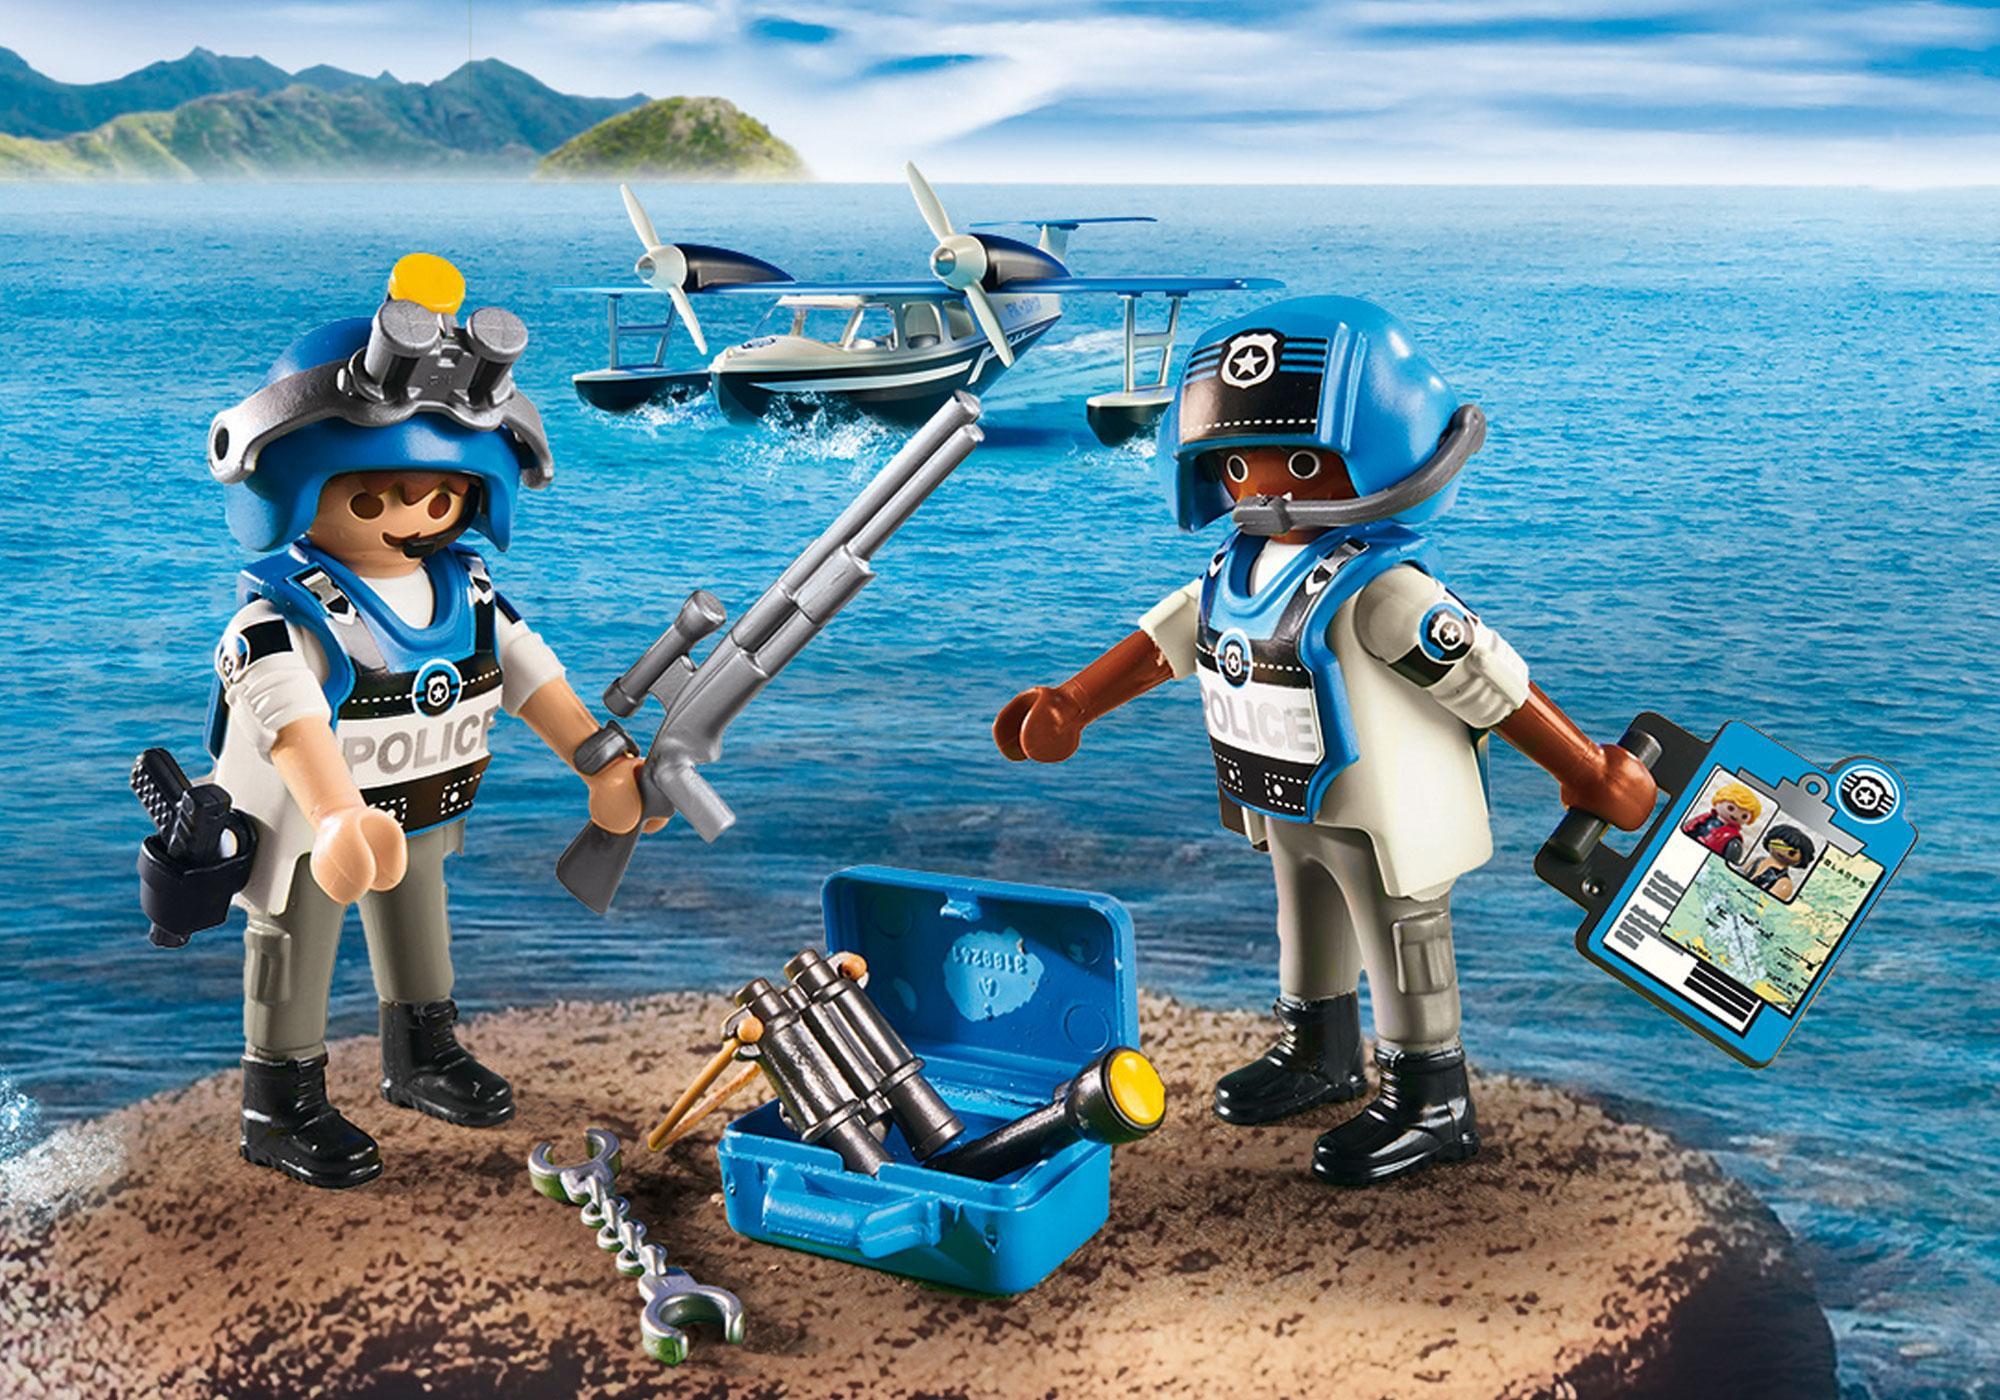 http://media.playmobil.com/i/playmobil/9436_product_extra1/Polizei-Wasserflugzeug